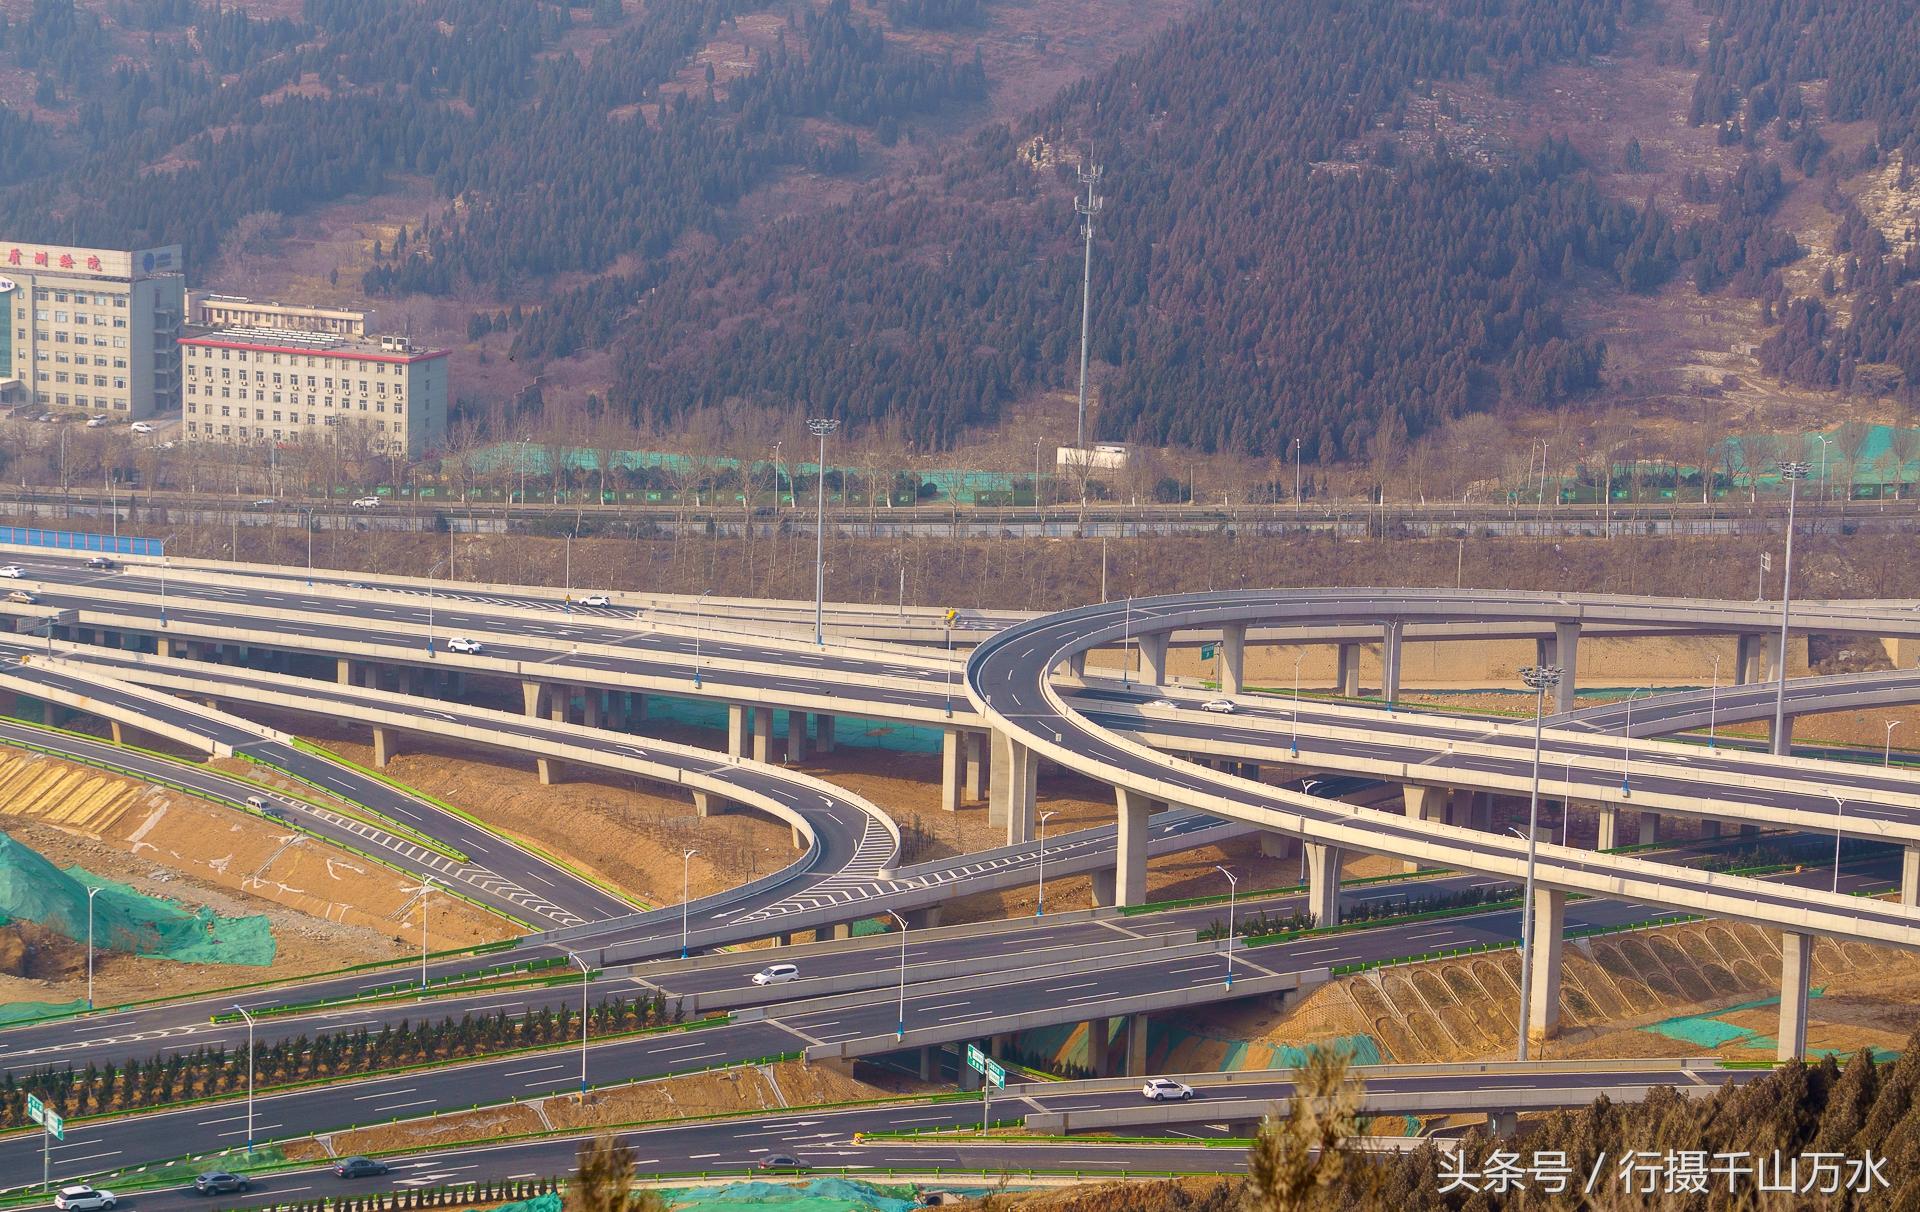 扳倒井立交桥是济南二环南路高架和二环东路高架桥的交汇点,是济南最